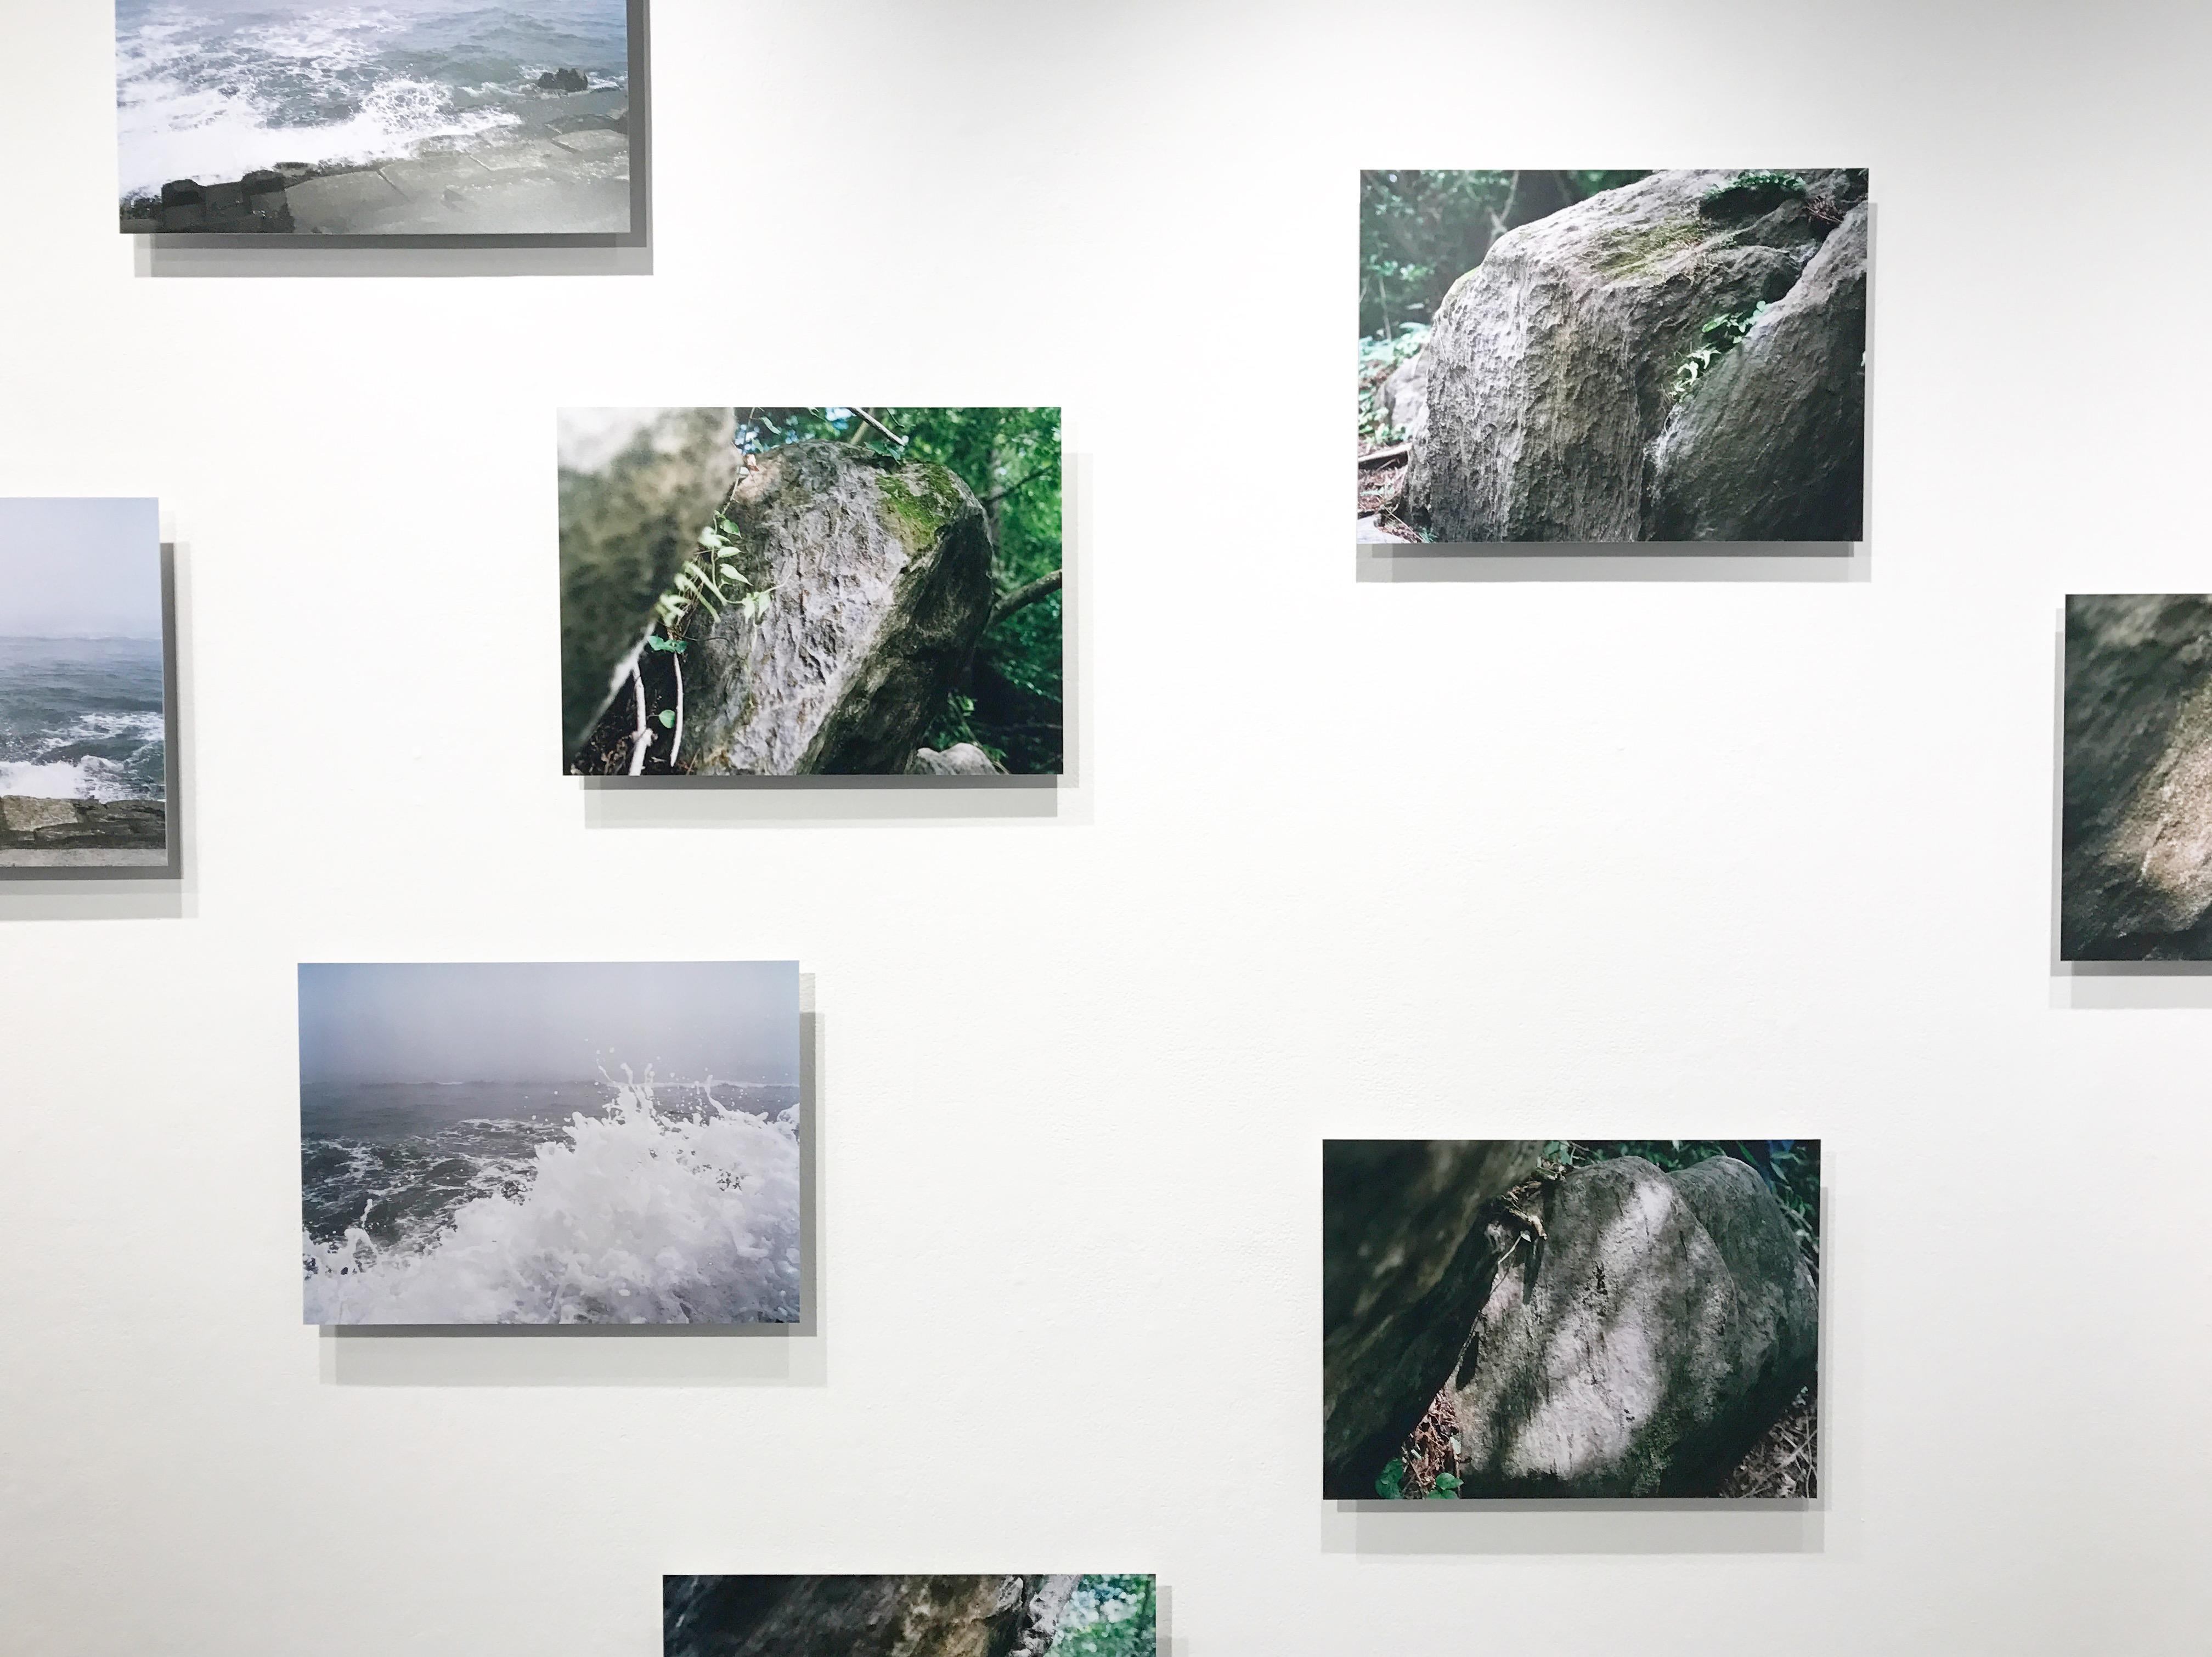 ご本人から特別メッセージあり!松本美枝子写真展「ここがどこだか、知っている。」【今週のおすすめアート